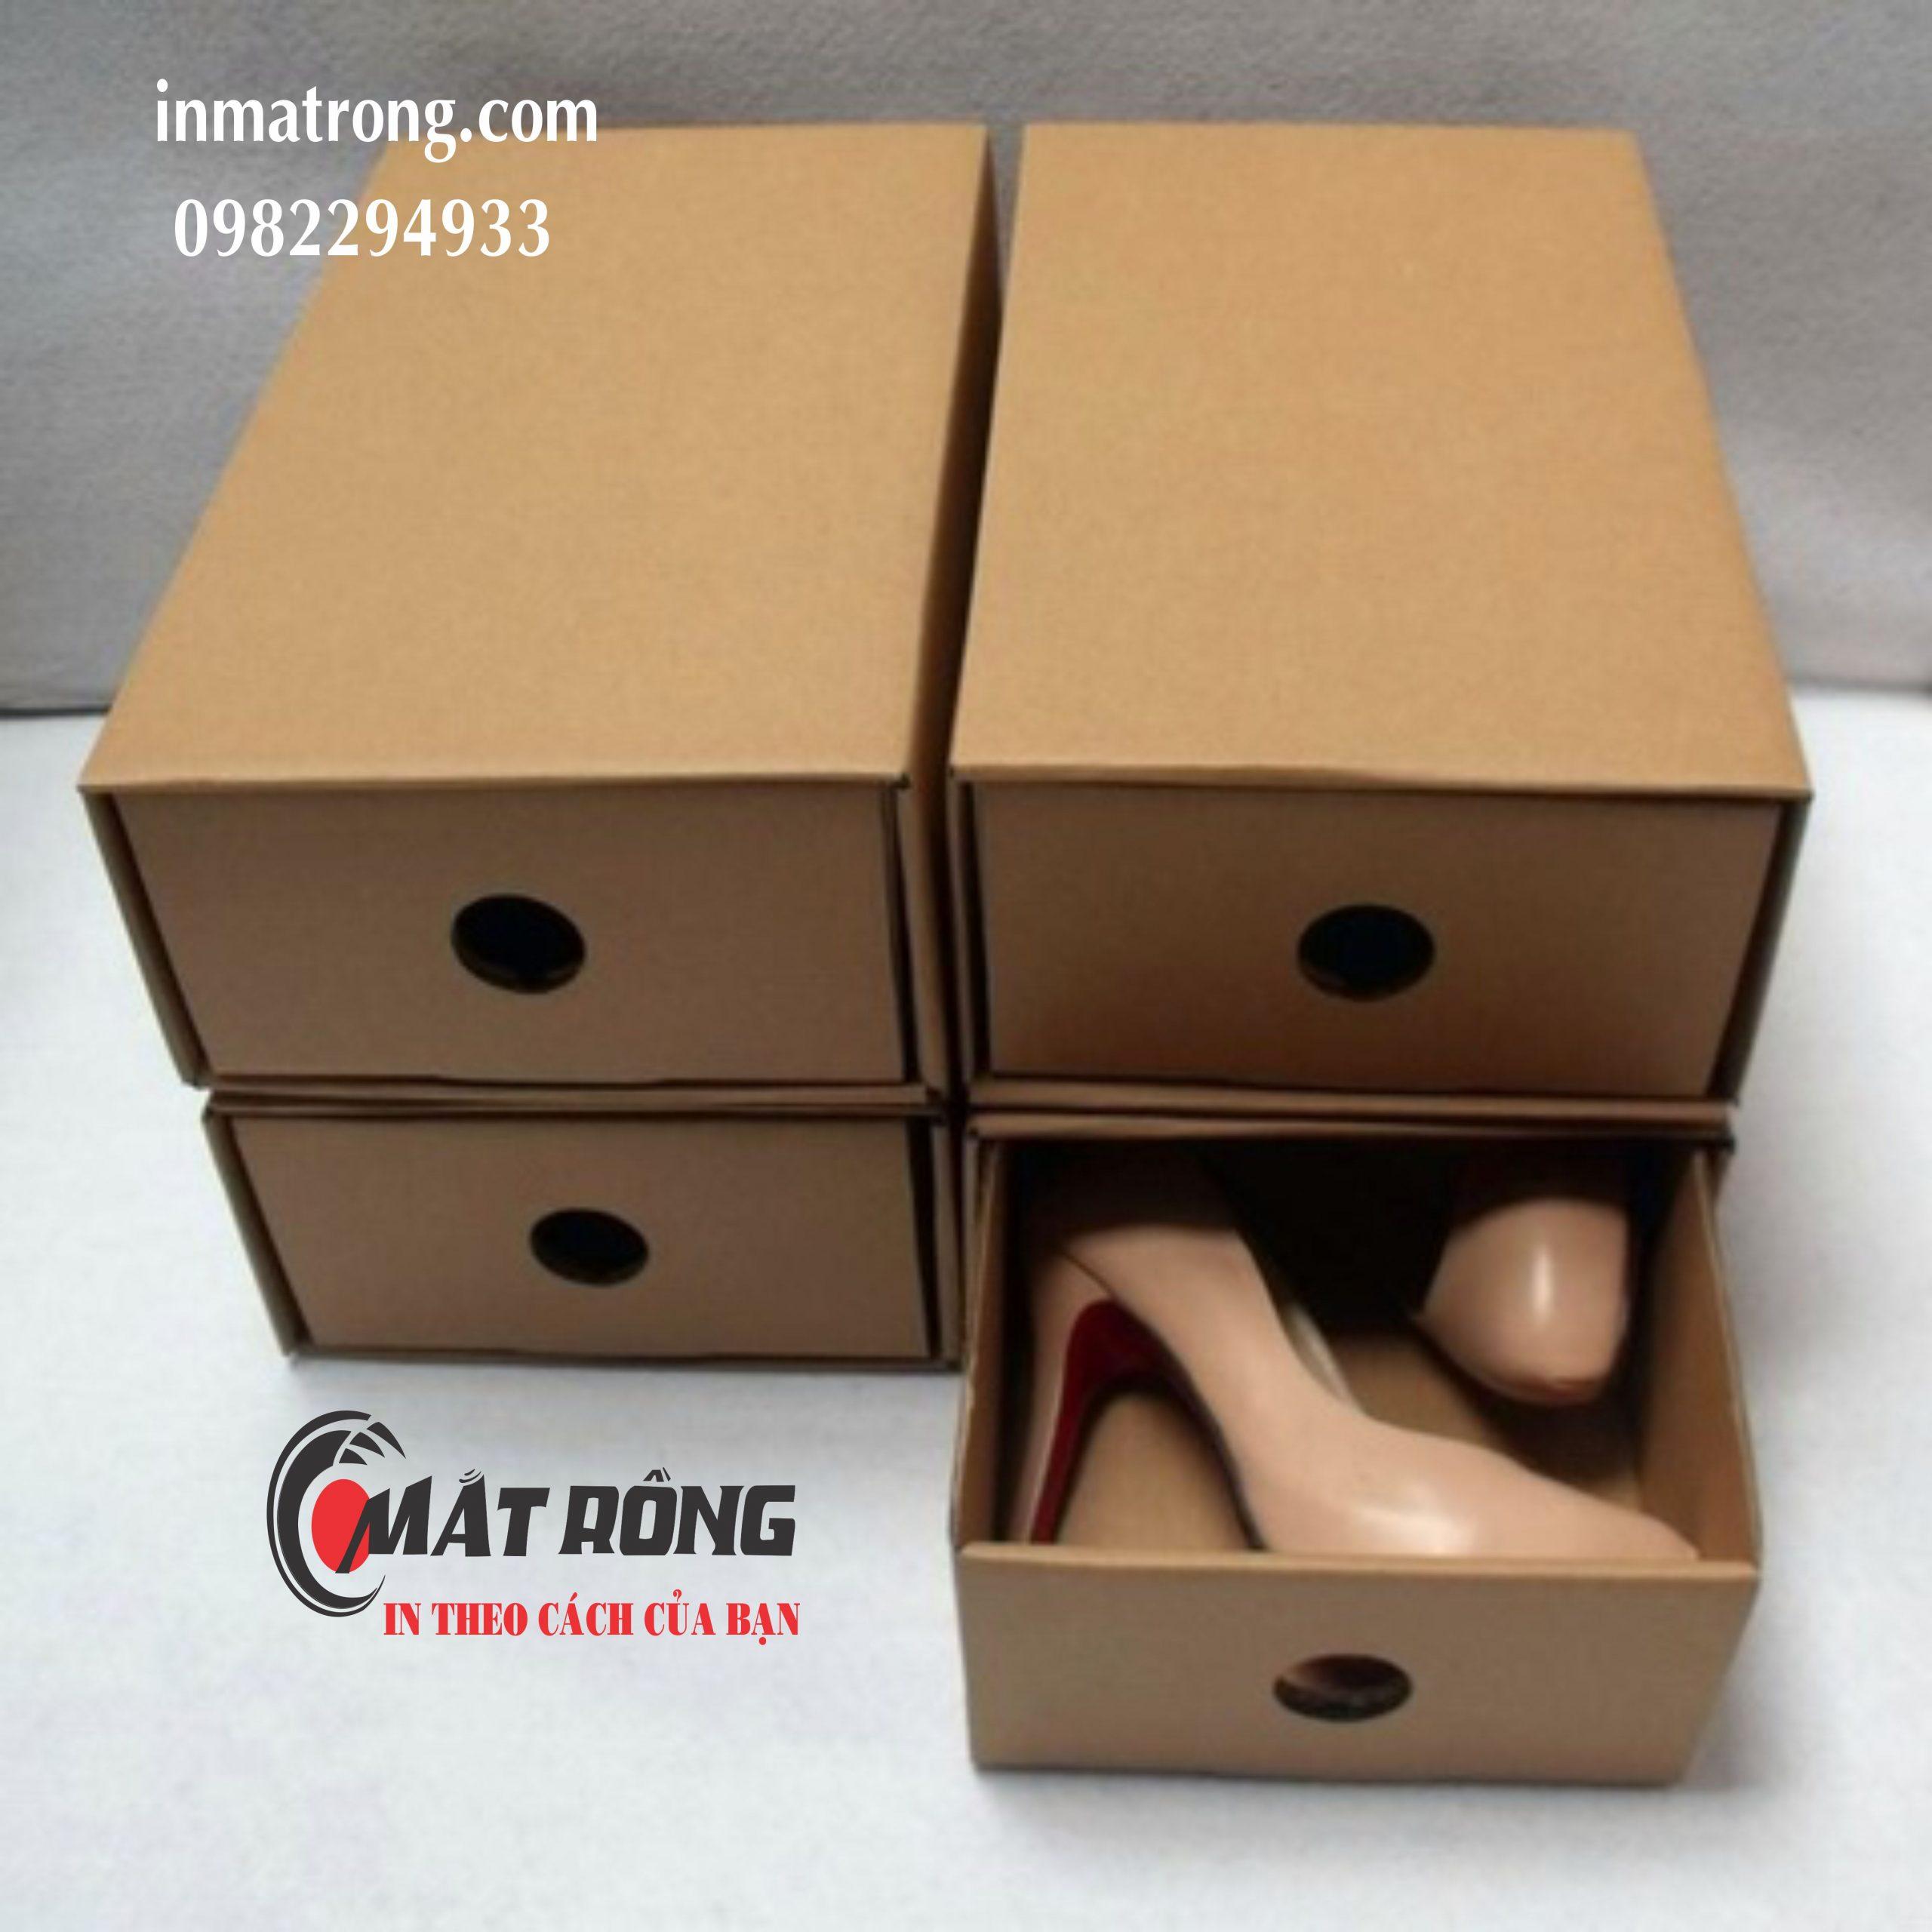 Top 10 Xưởng sản xuất hộp giấy đựng giày uy tín2